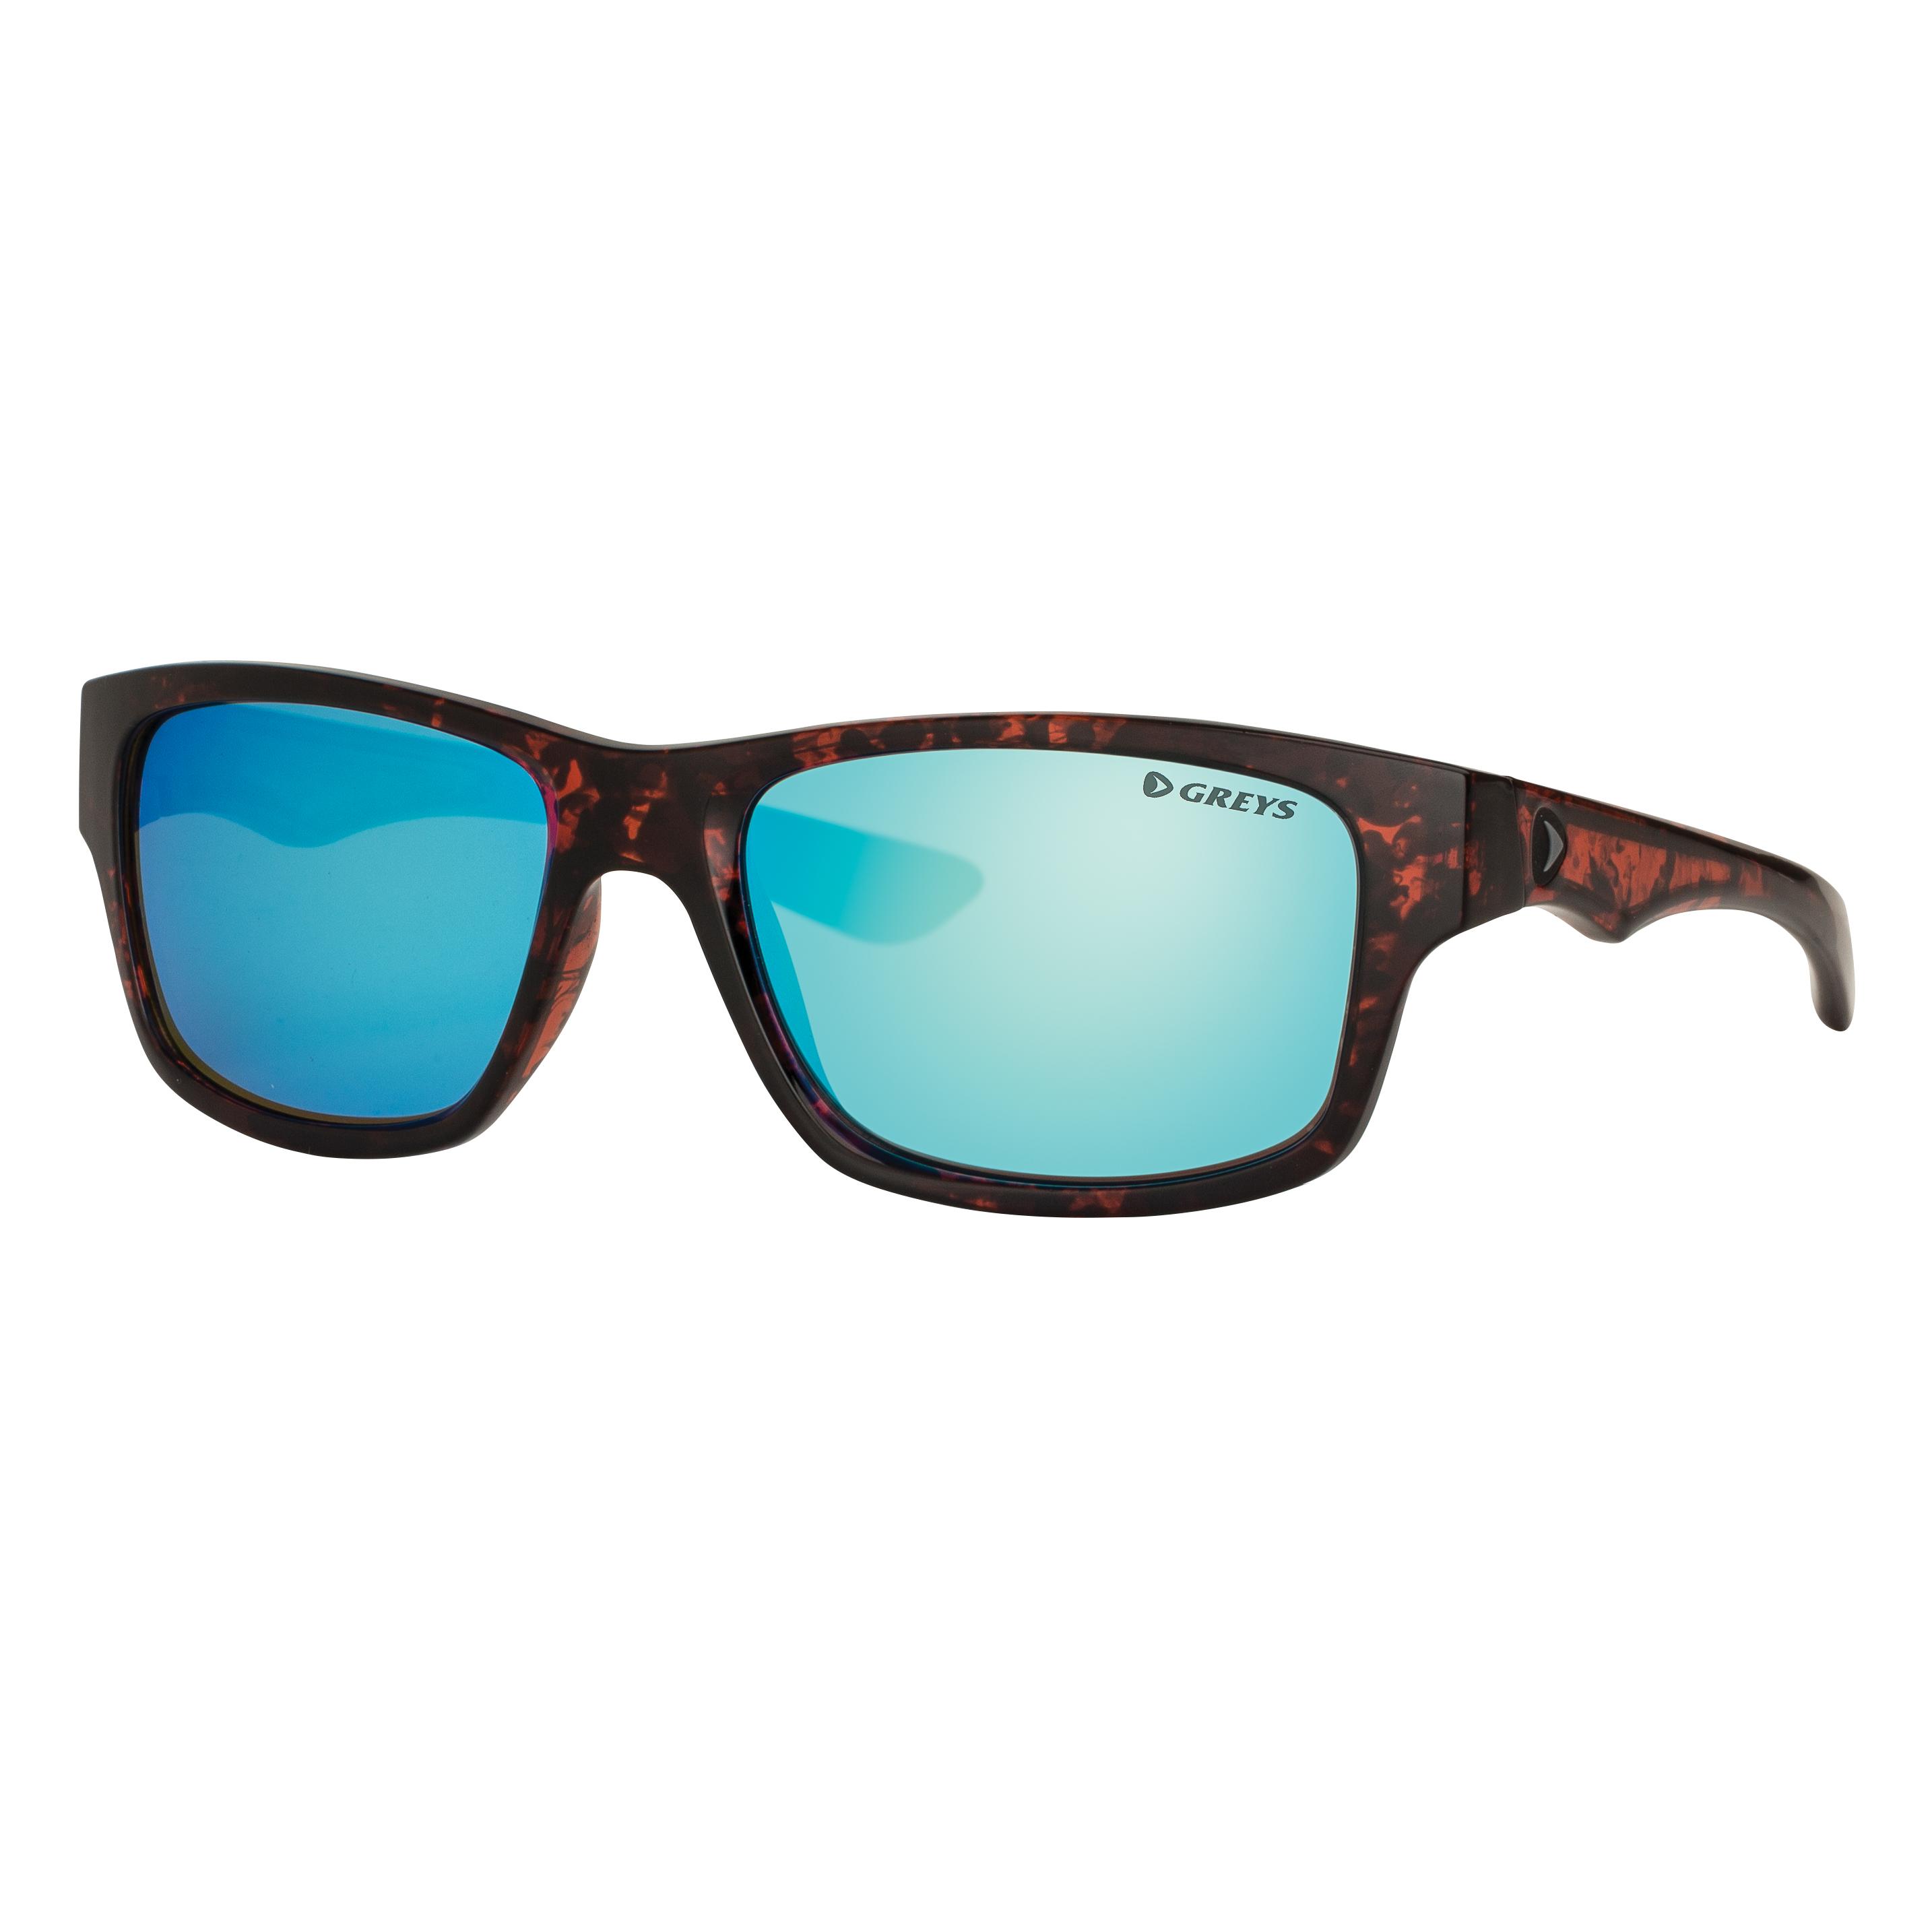 4f44e7d8ff Greys G4 Sunglasses – Glasgow Angling Centre